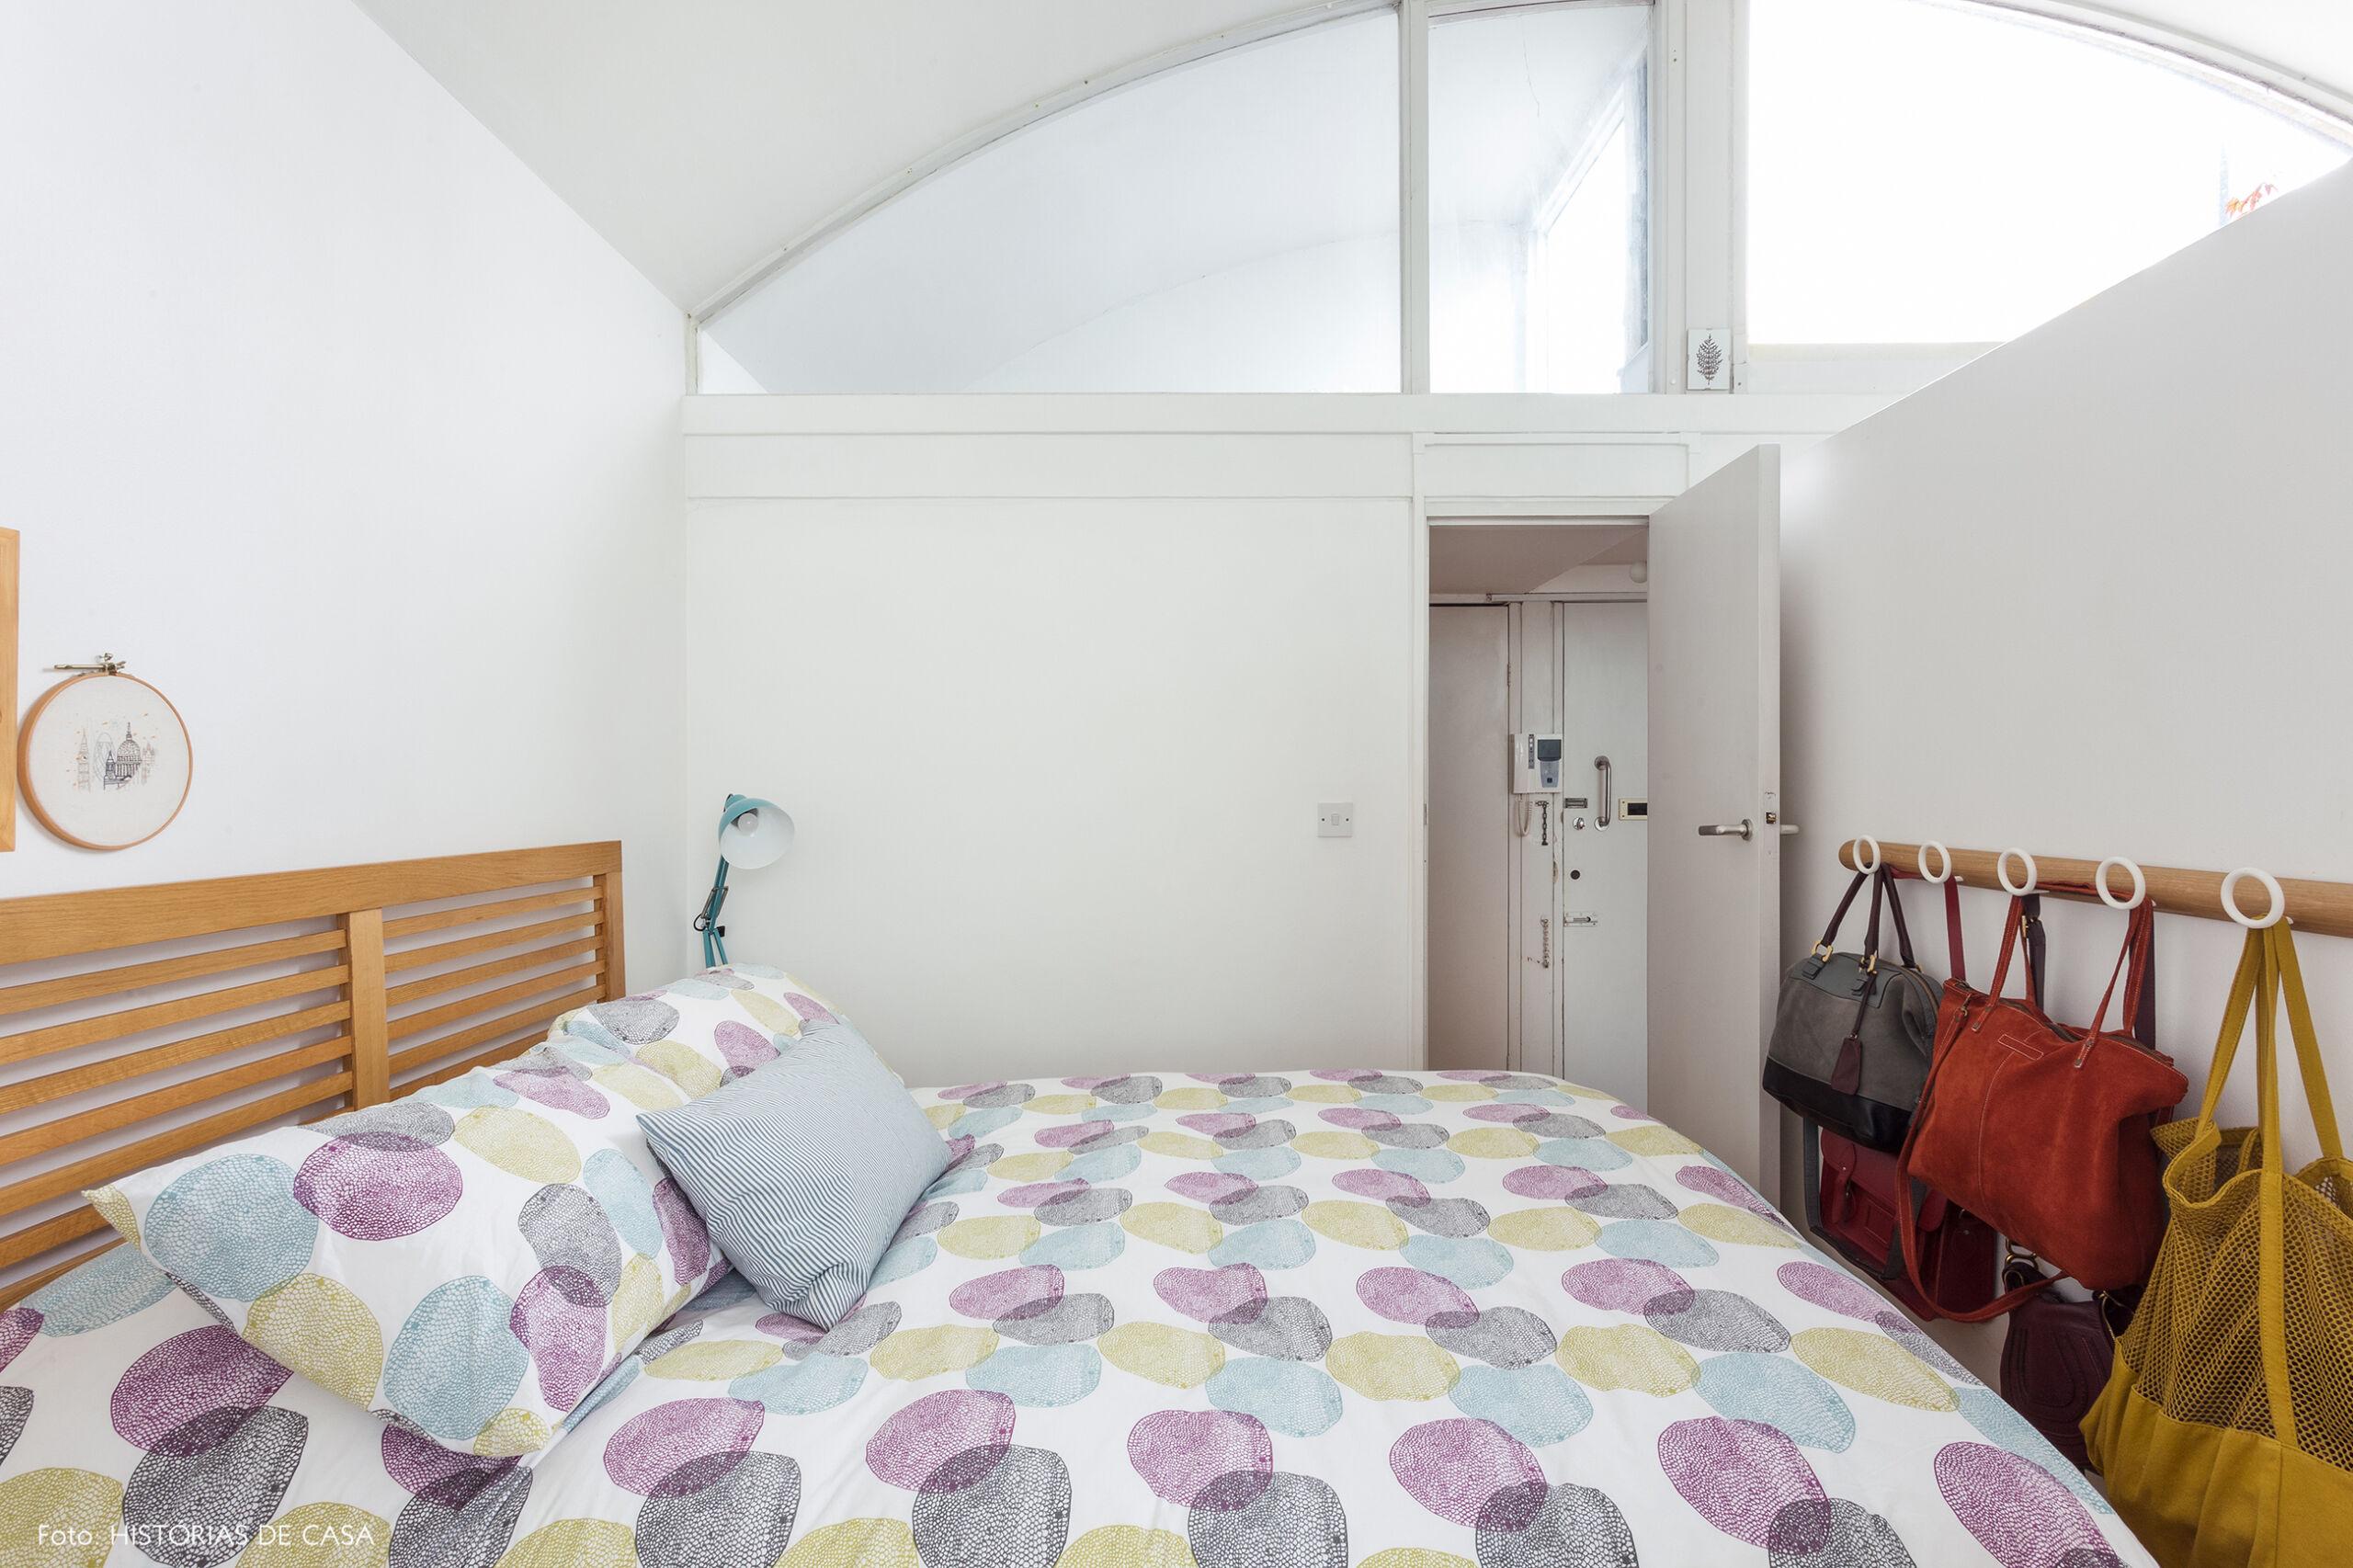 25-decoracao-apartamento-quarto-com-cama-de-madeira